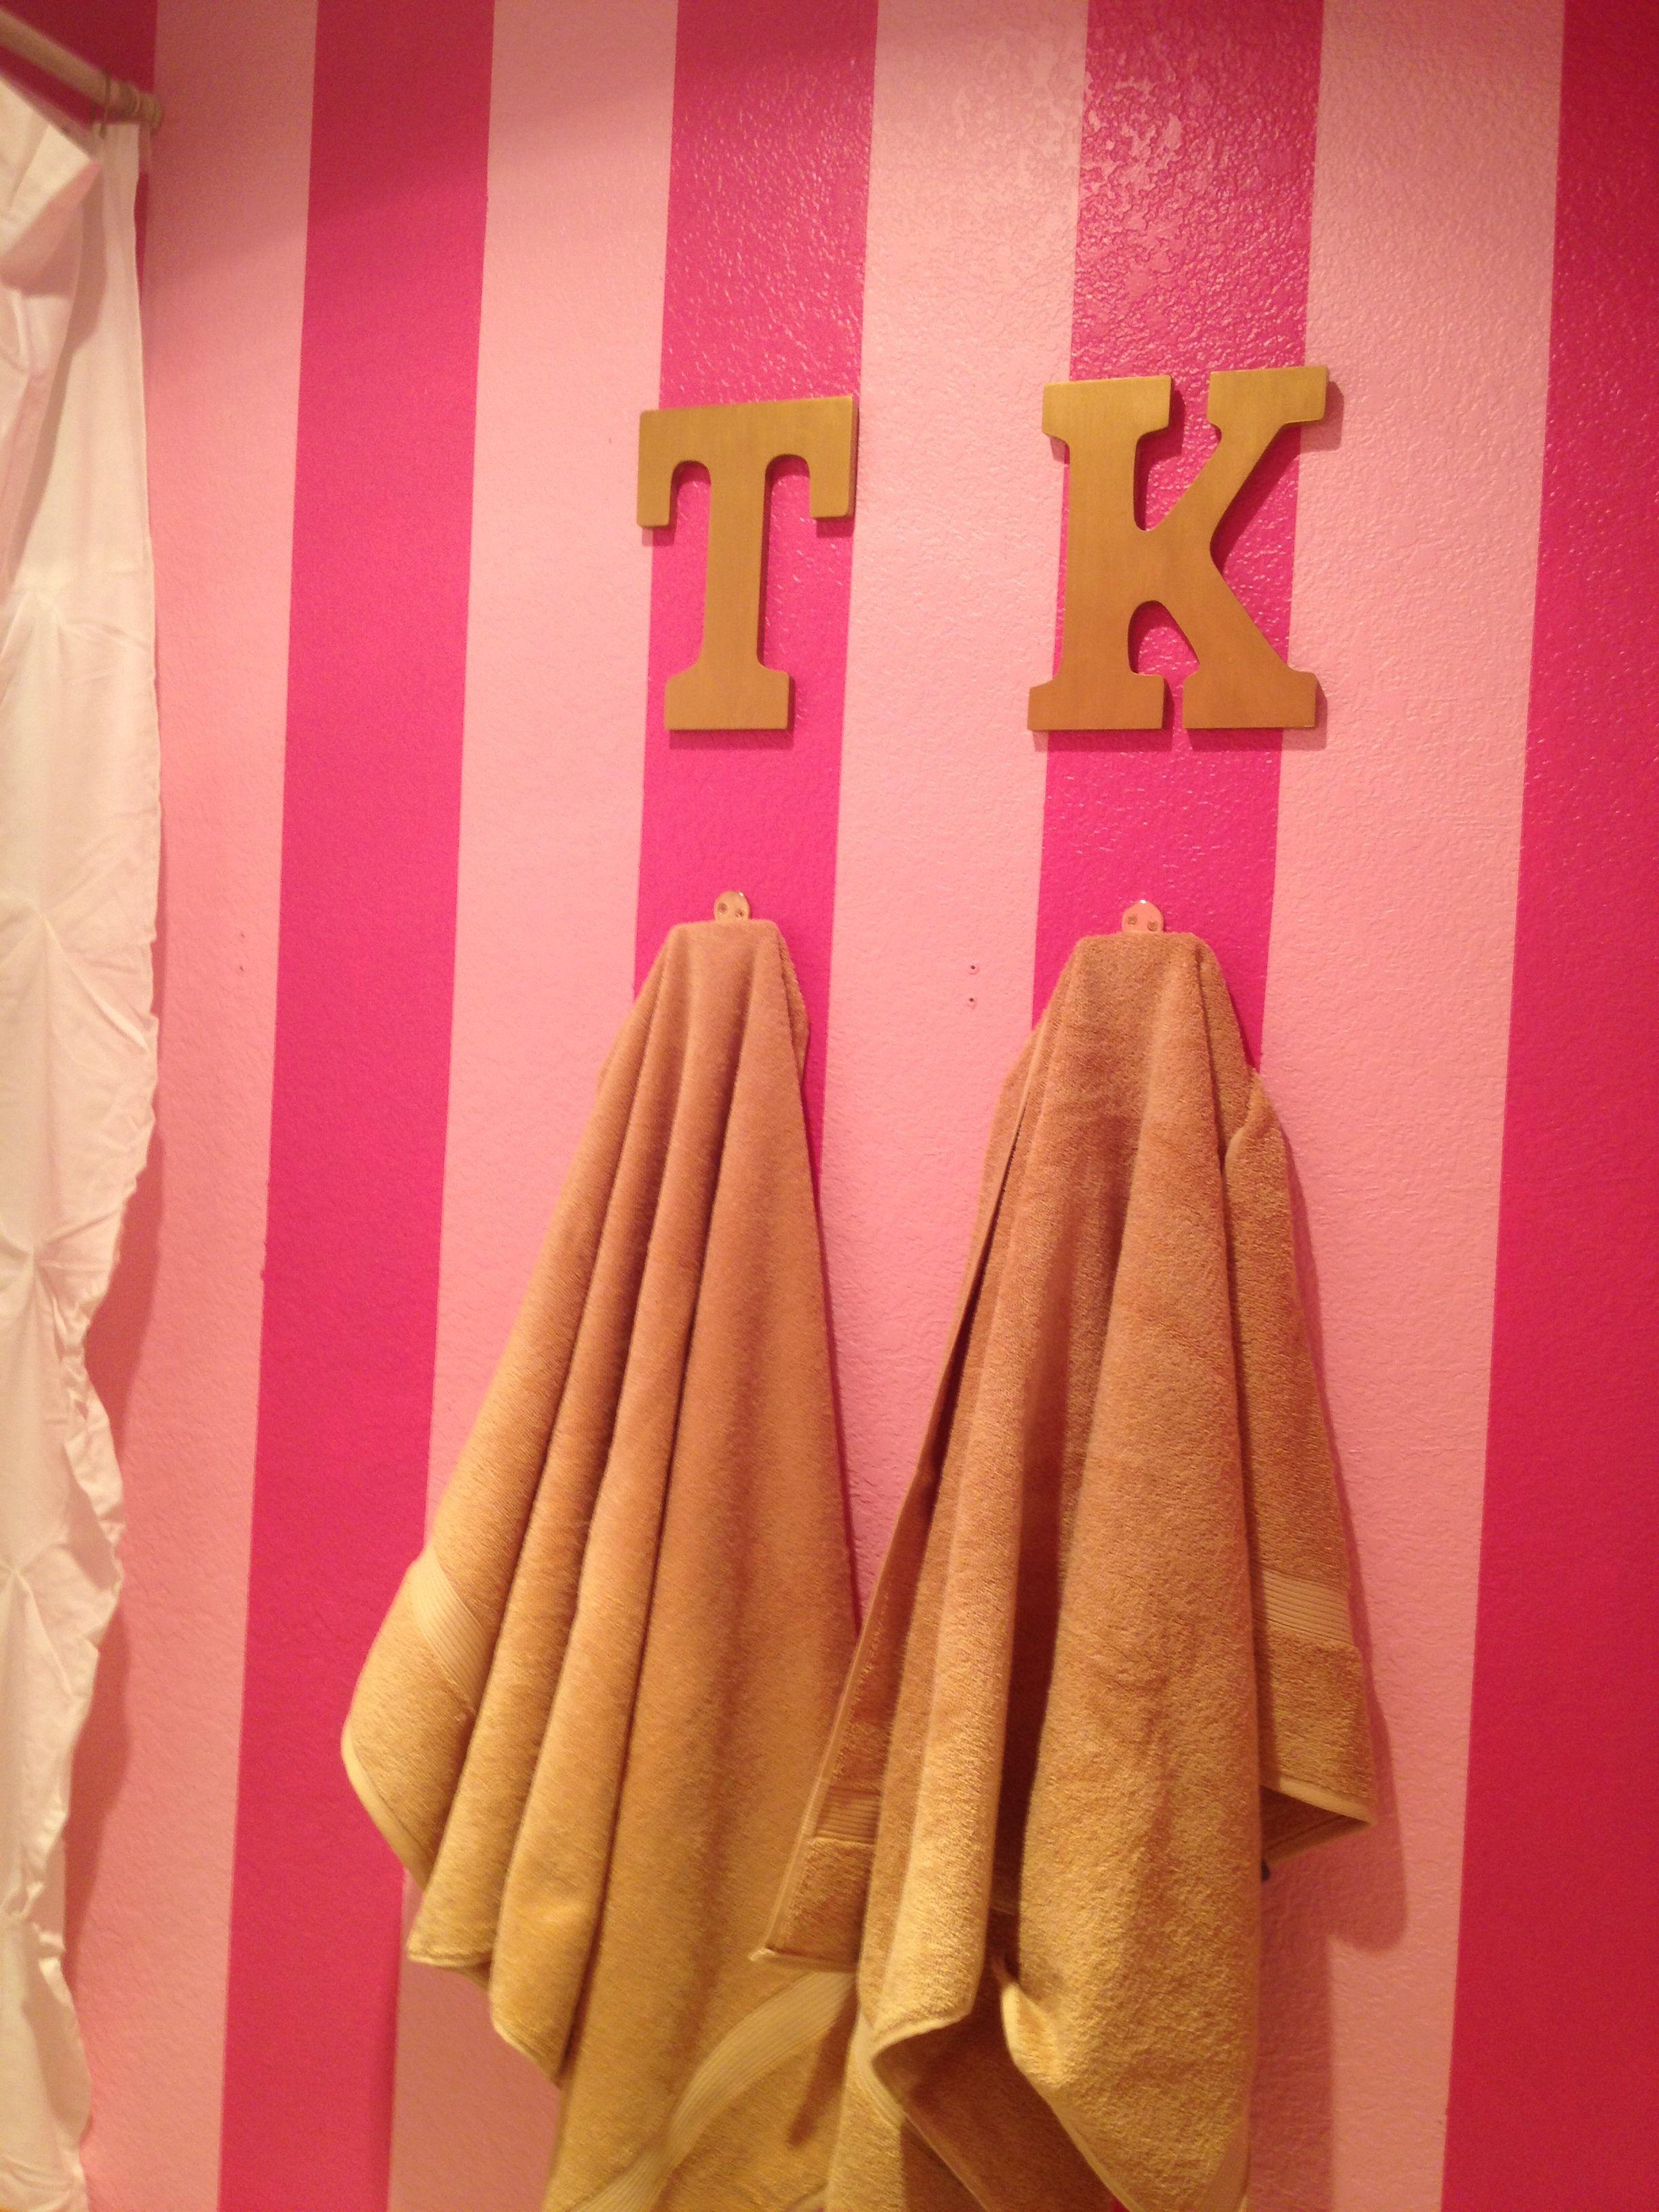 Victoria S Secret Bathroom Pink Gold Accents Striped Walls